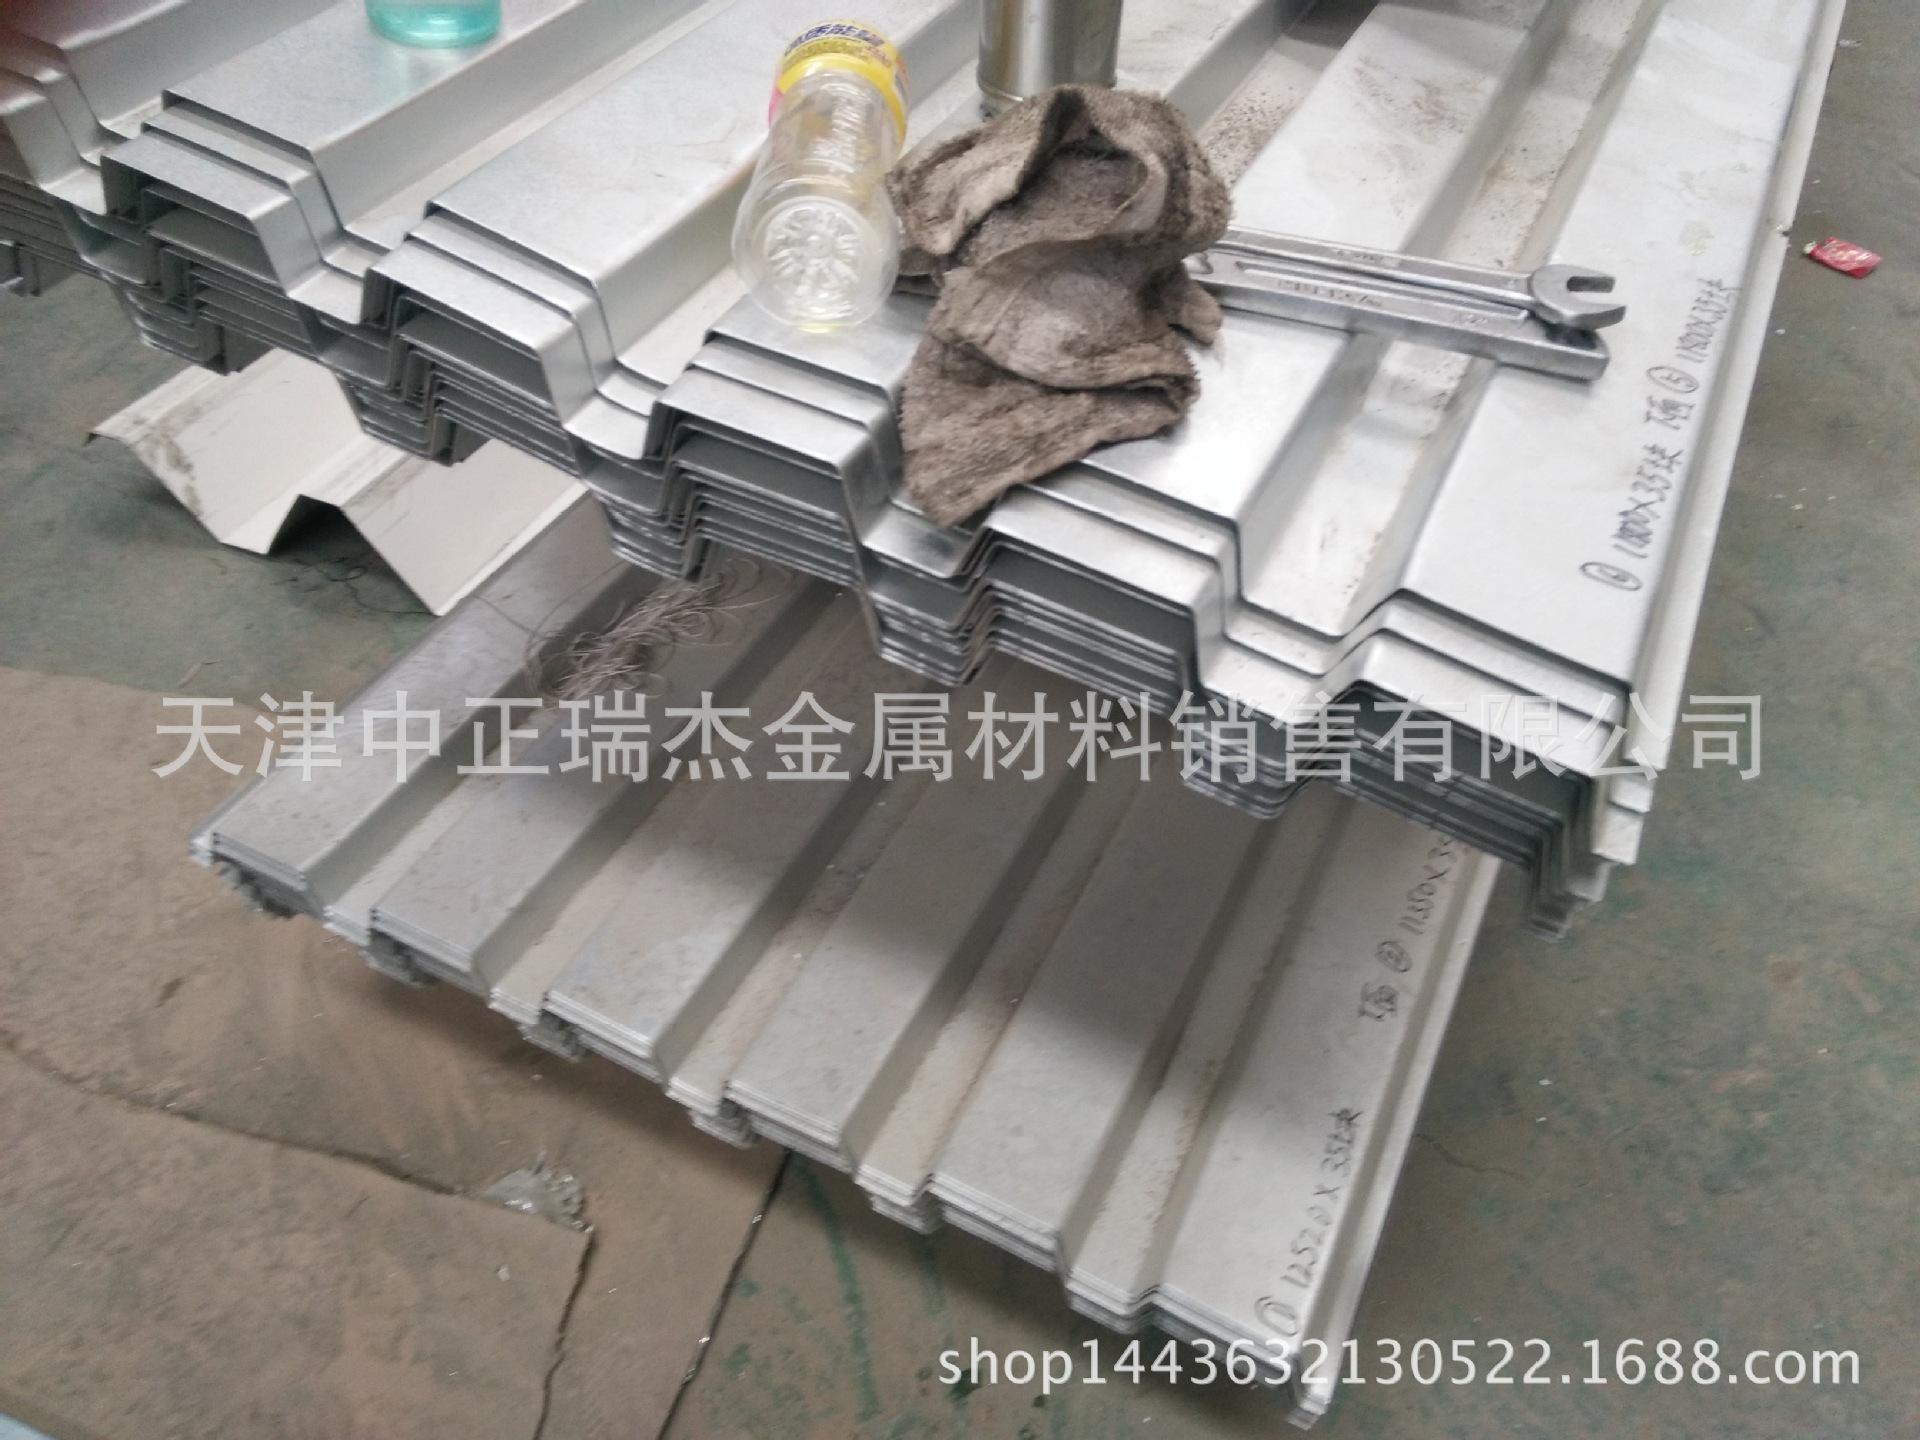 专业加工镀锌瓦楞板  600   688楼承板  波纹板 镀铝锌板卷